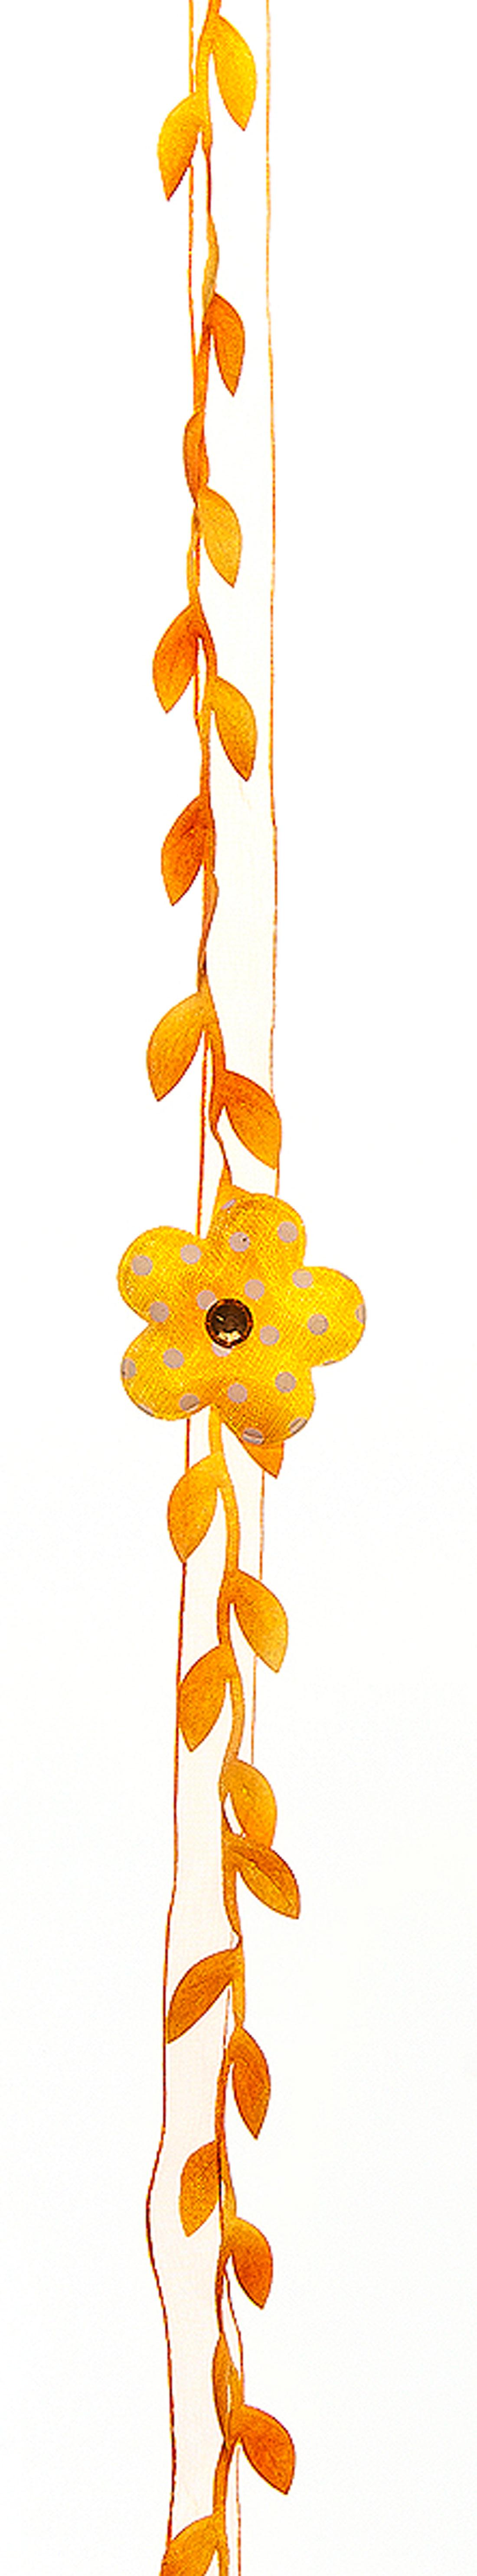 Декоративное пасхальное украшение Home Queen Гирлянда цветочная, цвет: оранжевый64486_2Пасхальное украшение Home Queen Гирлянда цветочная изготовлено из полиэстера и представляет собой композицию из декоративных лент и текстильных цветов, декорированных крупными стразами. Такое украшение прекрасно оформит интерьер дома или станет замечательным подарком для друзей и близких на Пасху. Длина гирлянды: 23 см.